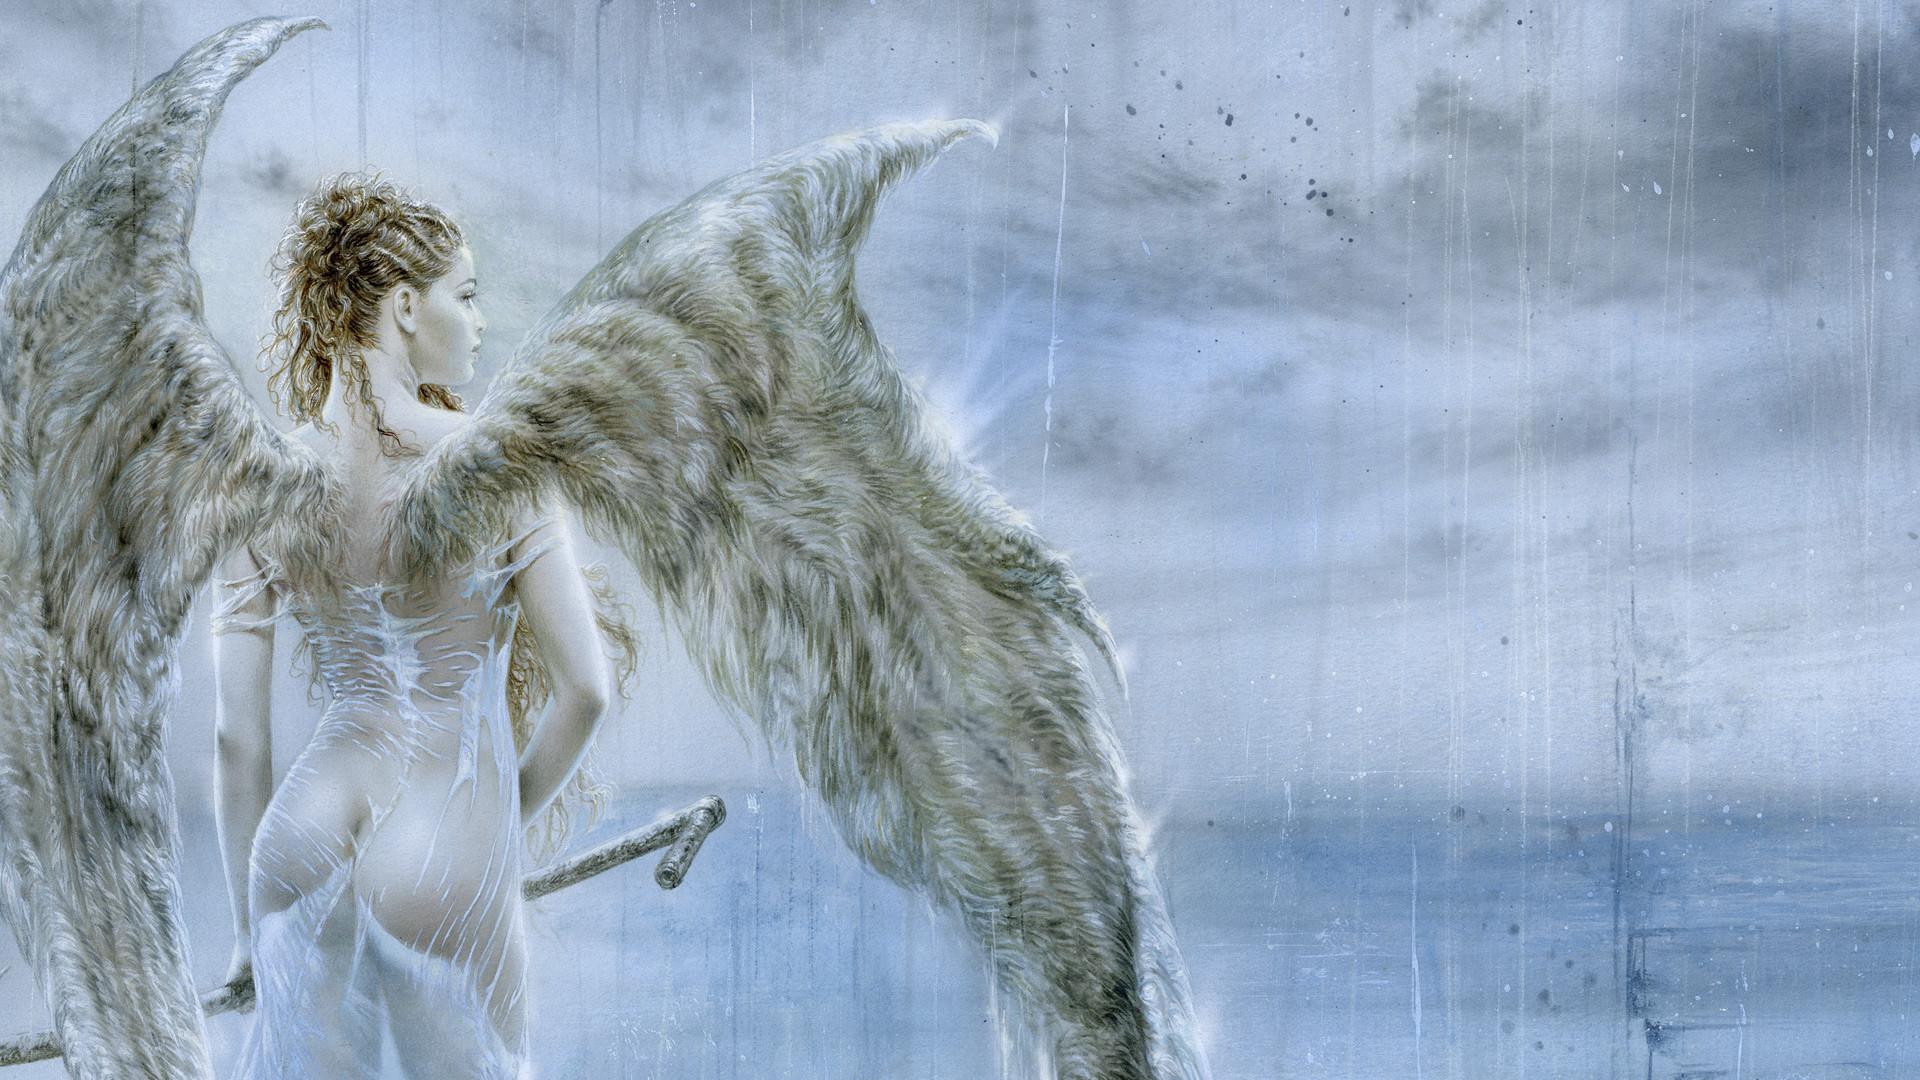 FALLEN ANGEL IV